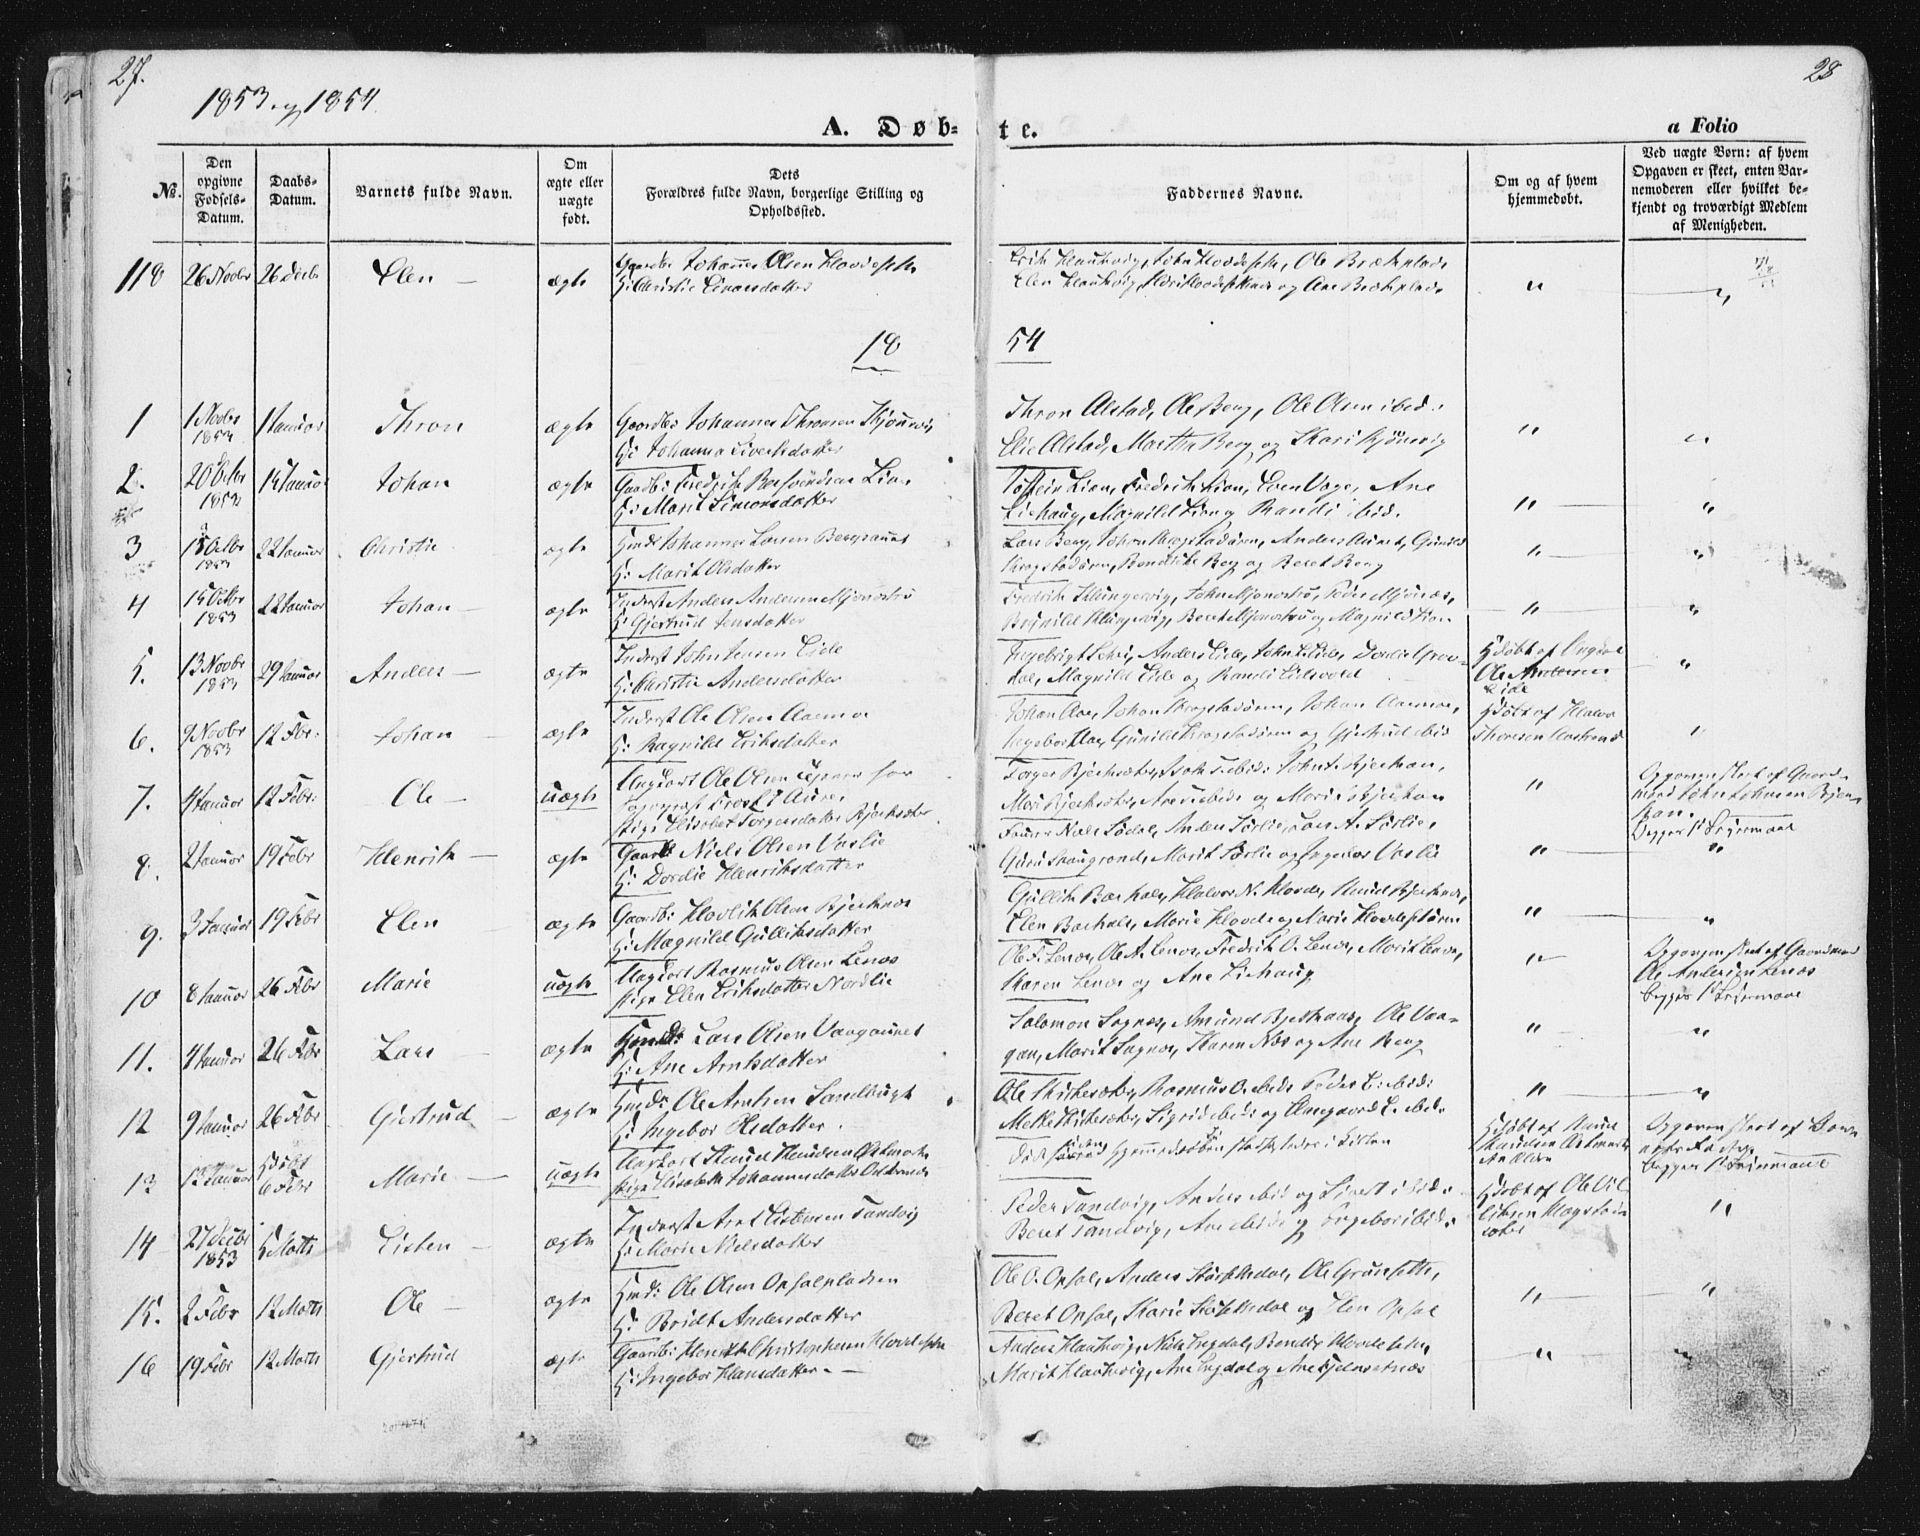 SAT, Ministerialprotokoller, klokkerbøker og fødselsregistre - Sør-Trøndelag, 630/L0494: Ministerialbok nr. 630A07, 1852-1868, s. 27-28